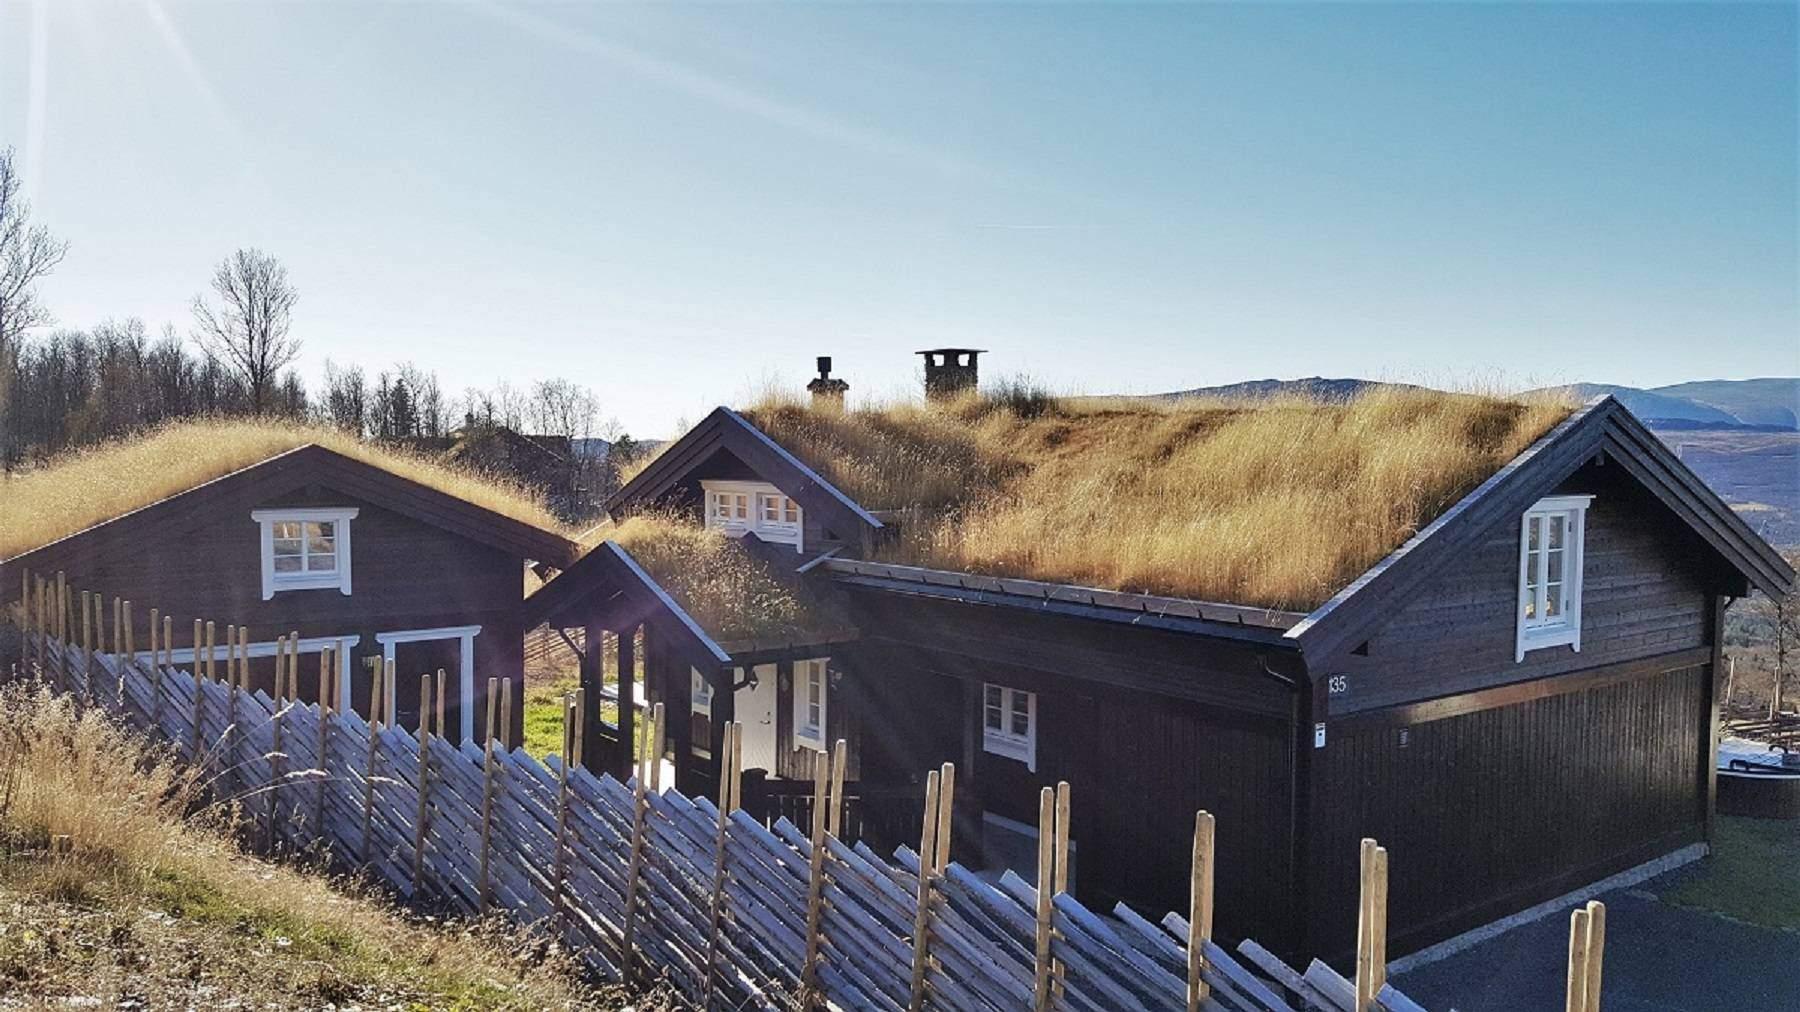 116 Hytte Høyset Panorama – Rondeslottet 95